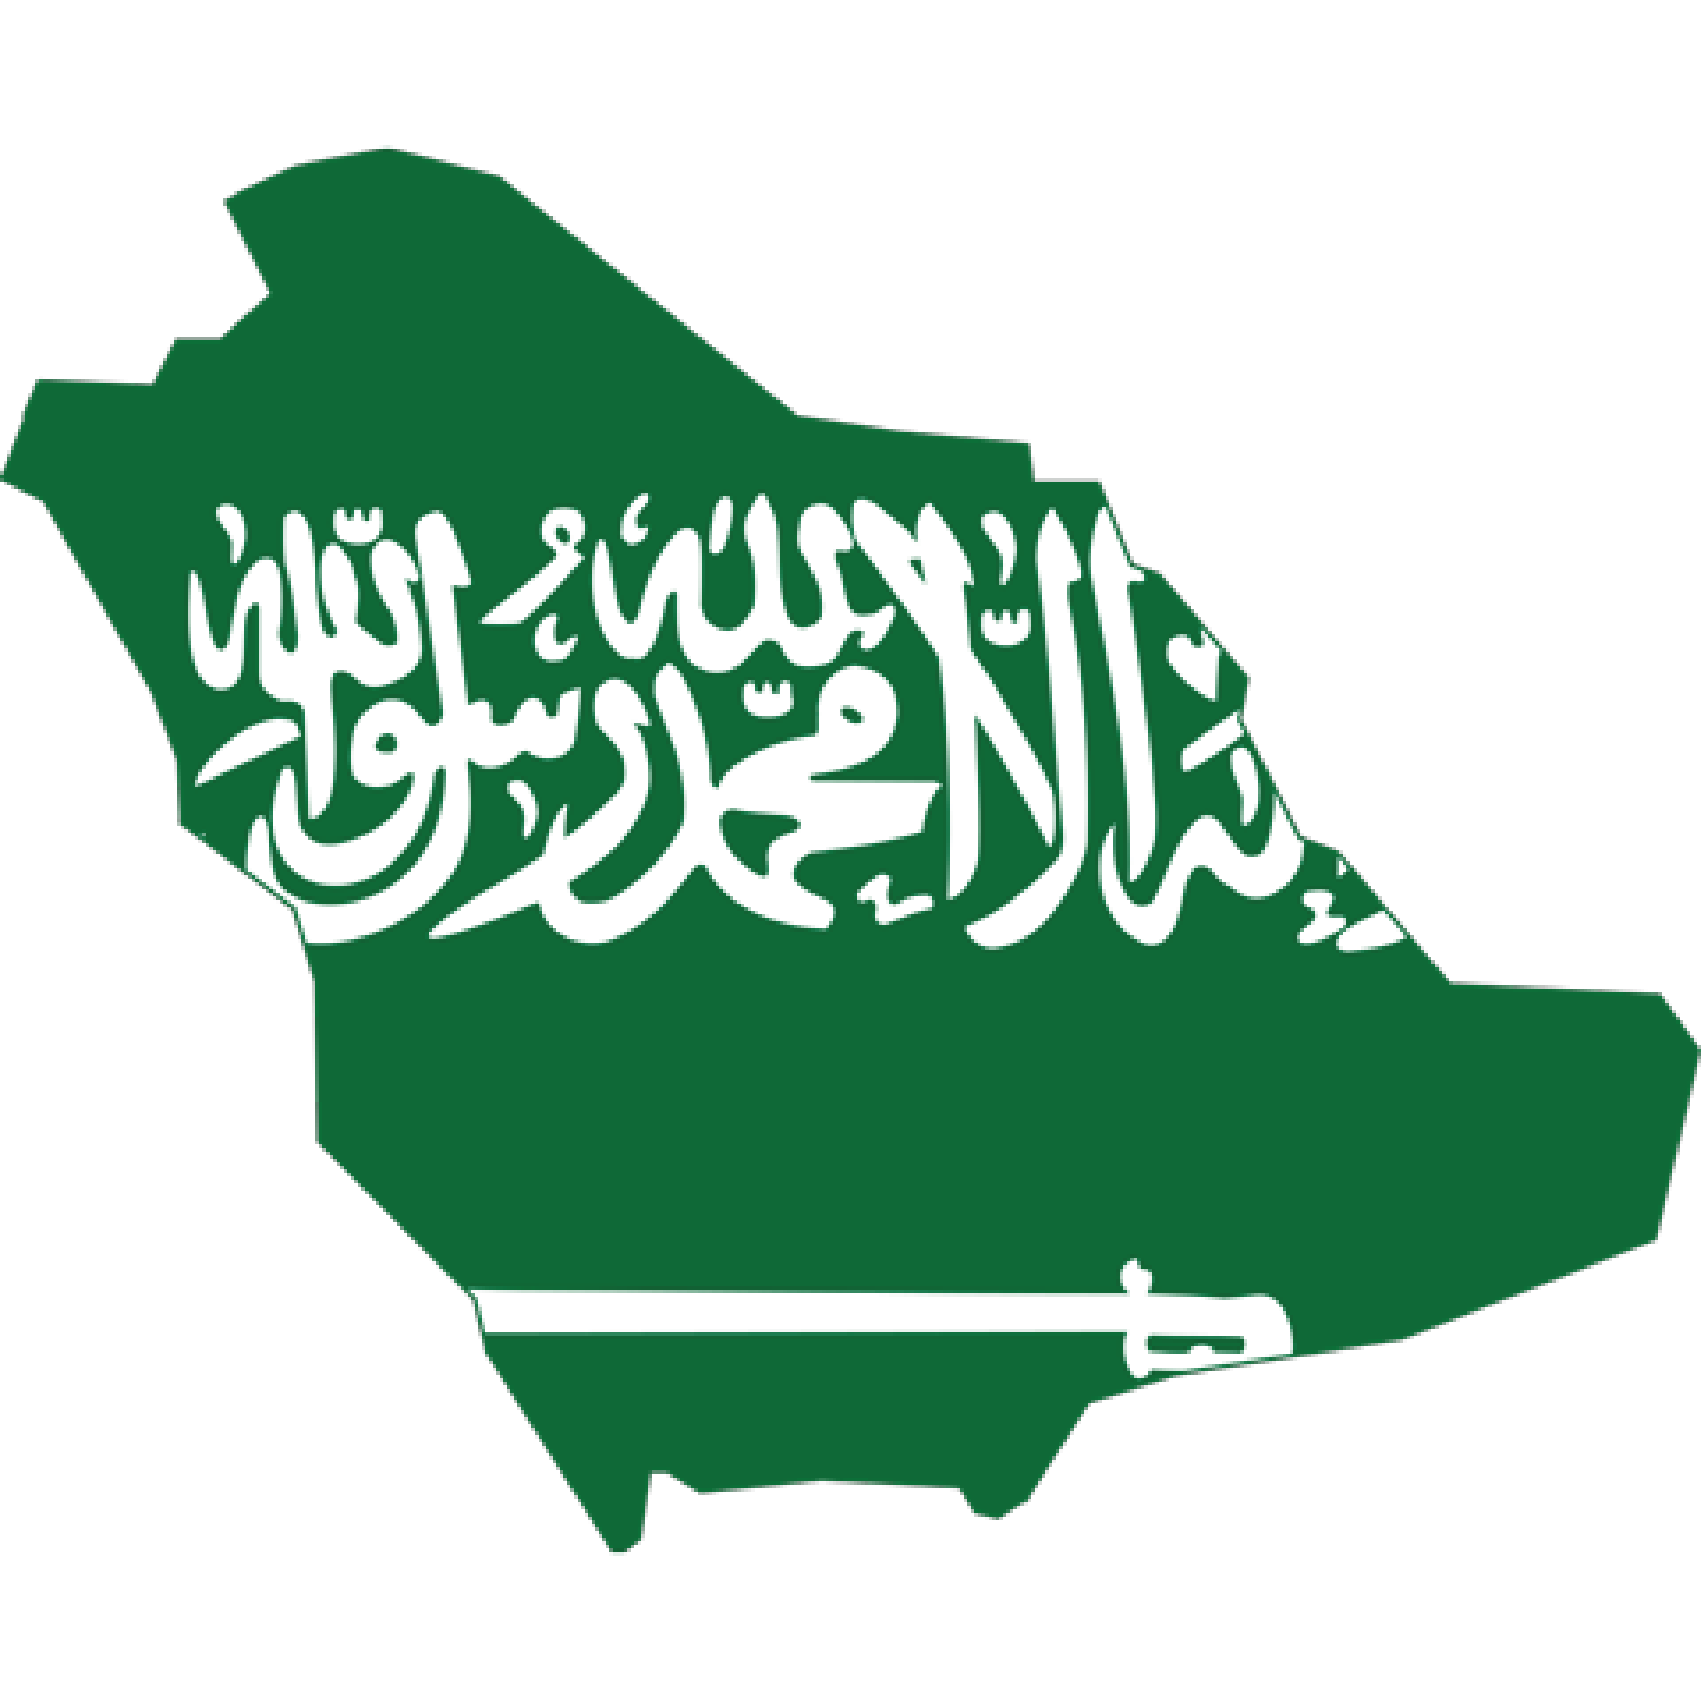 Flag of Arabia, the partner of barskorea.